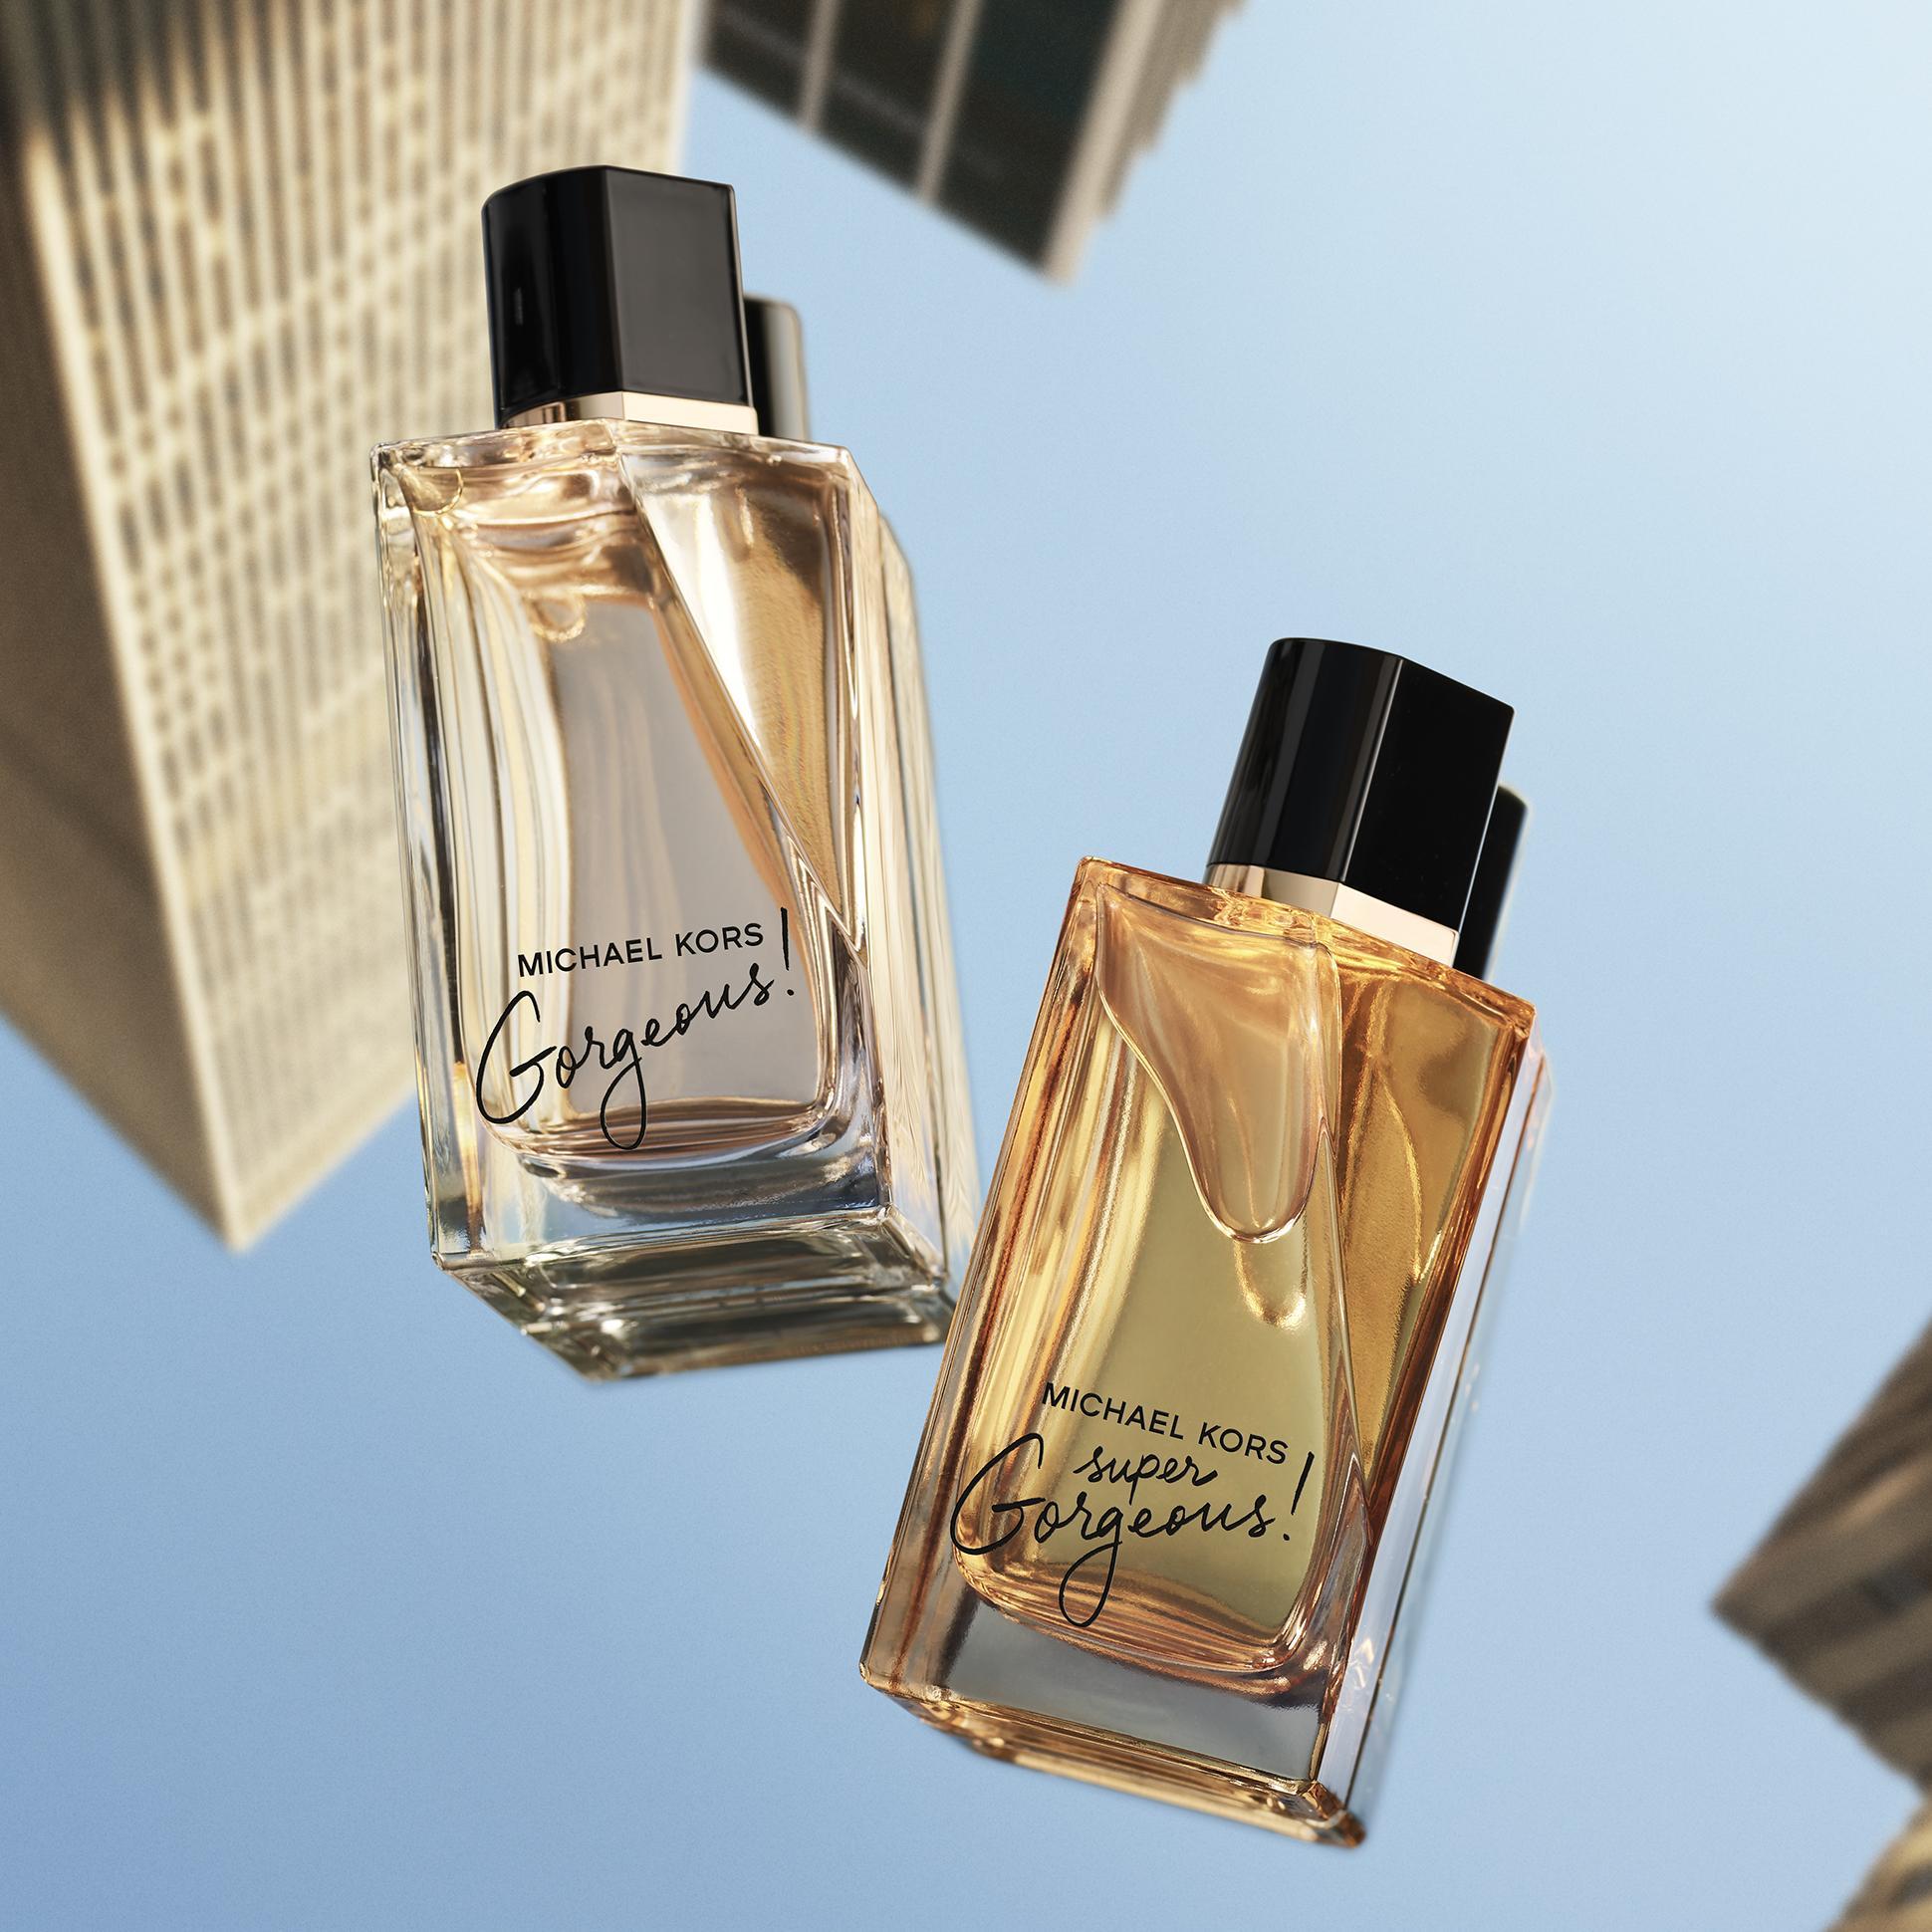 parfum langer meegaan